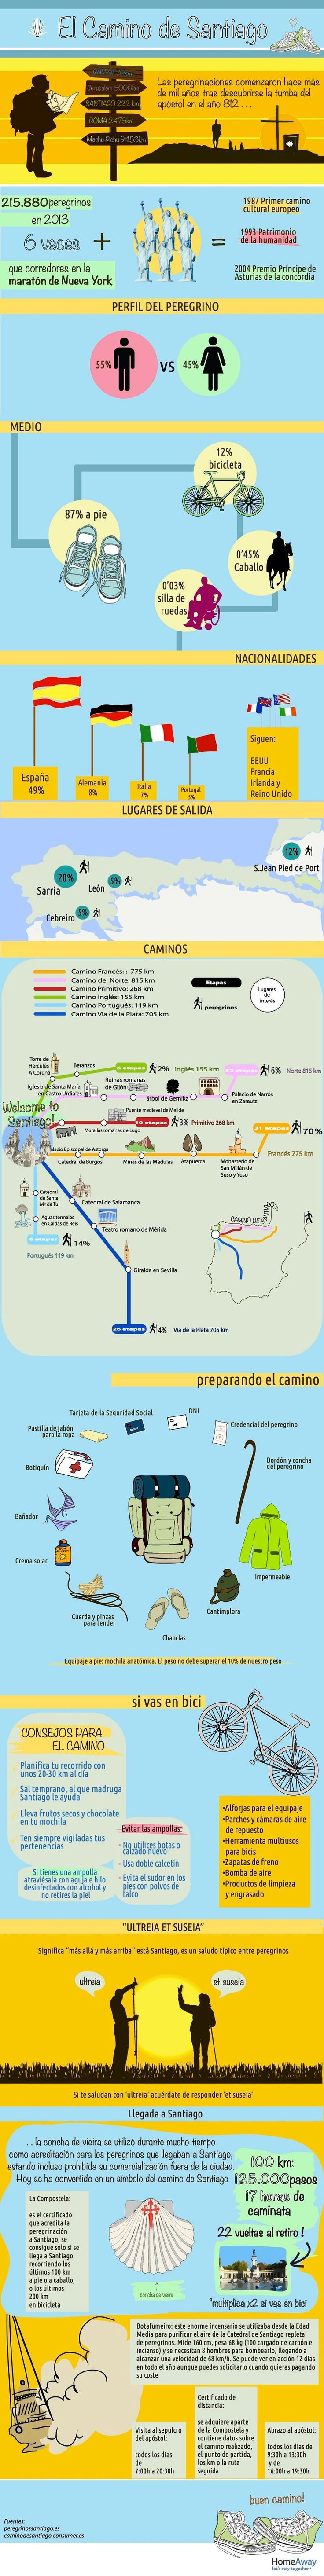 El Camino de Santiago #infografia                                                                                                                                                                                 Más